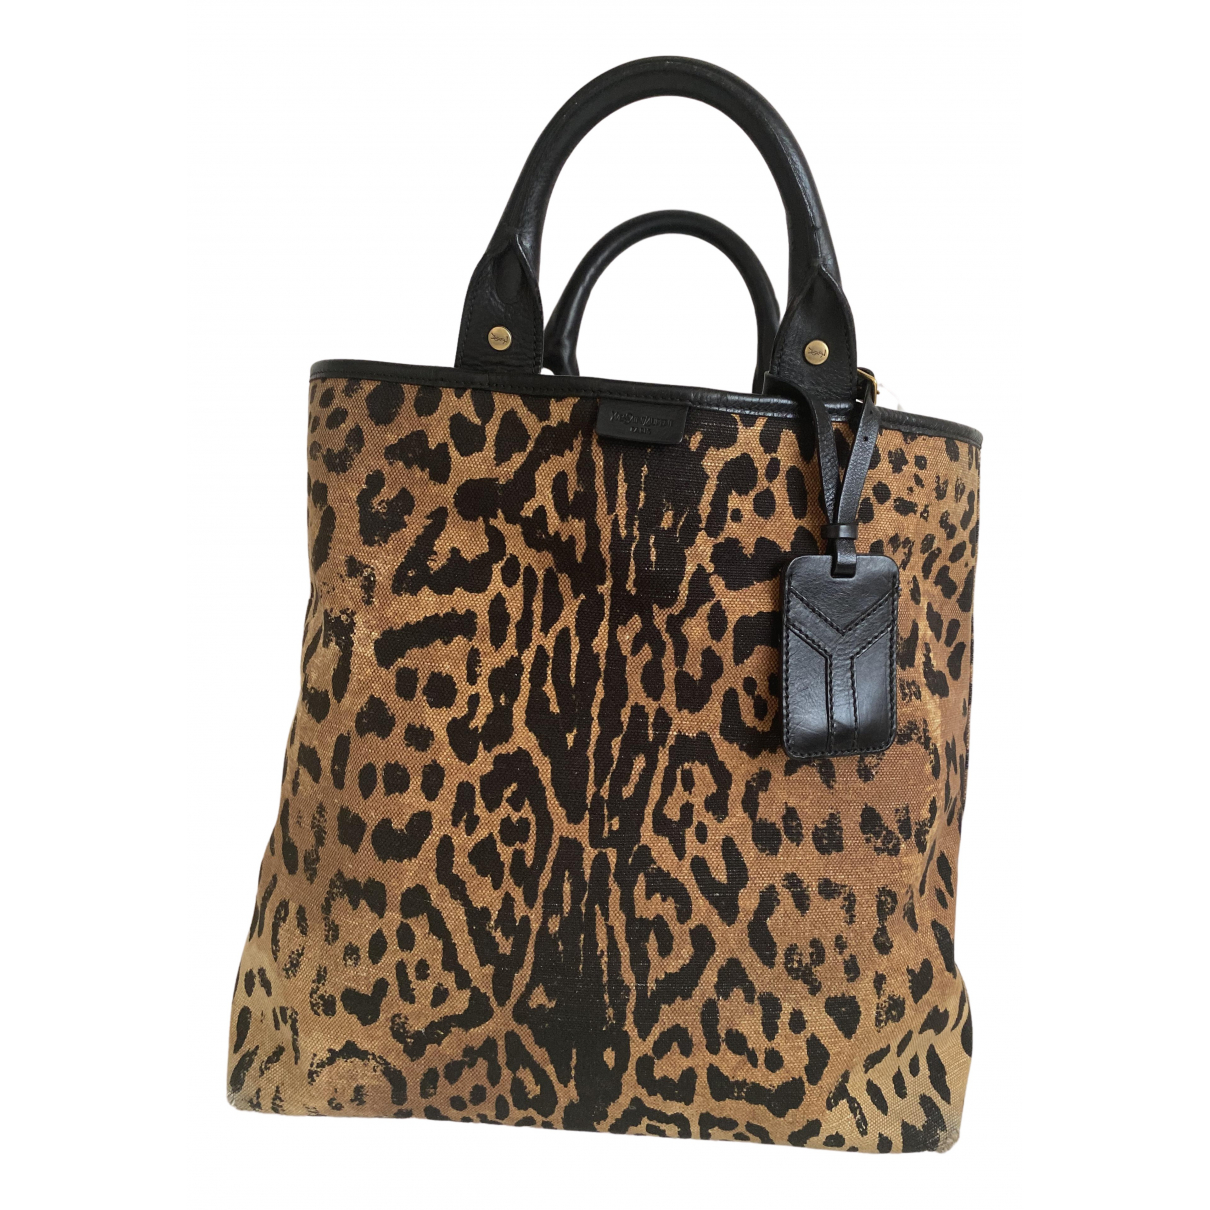 Yves Saint Laurent \N Handtasche in  Beige Leinen